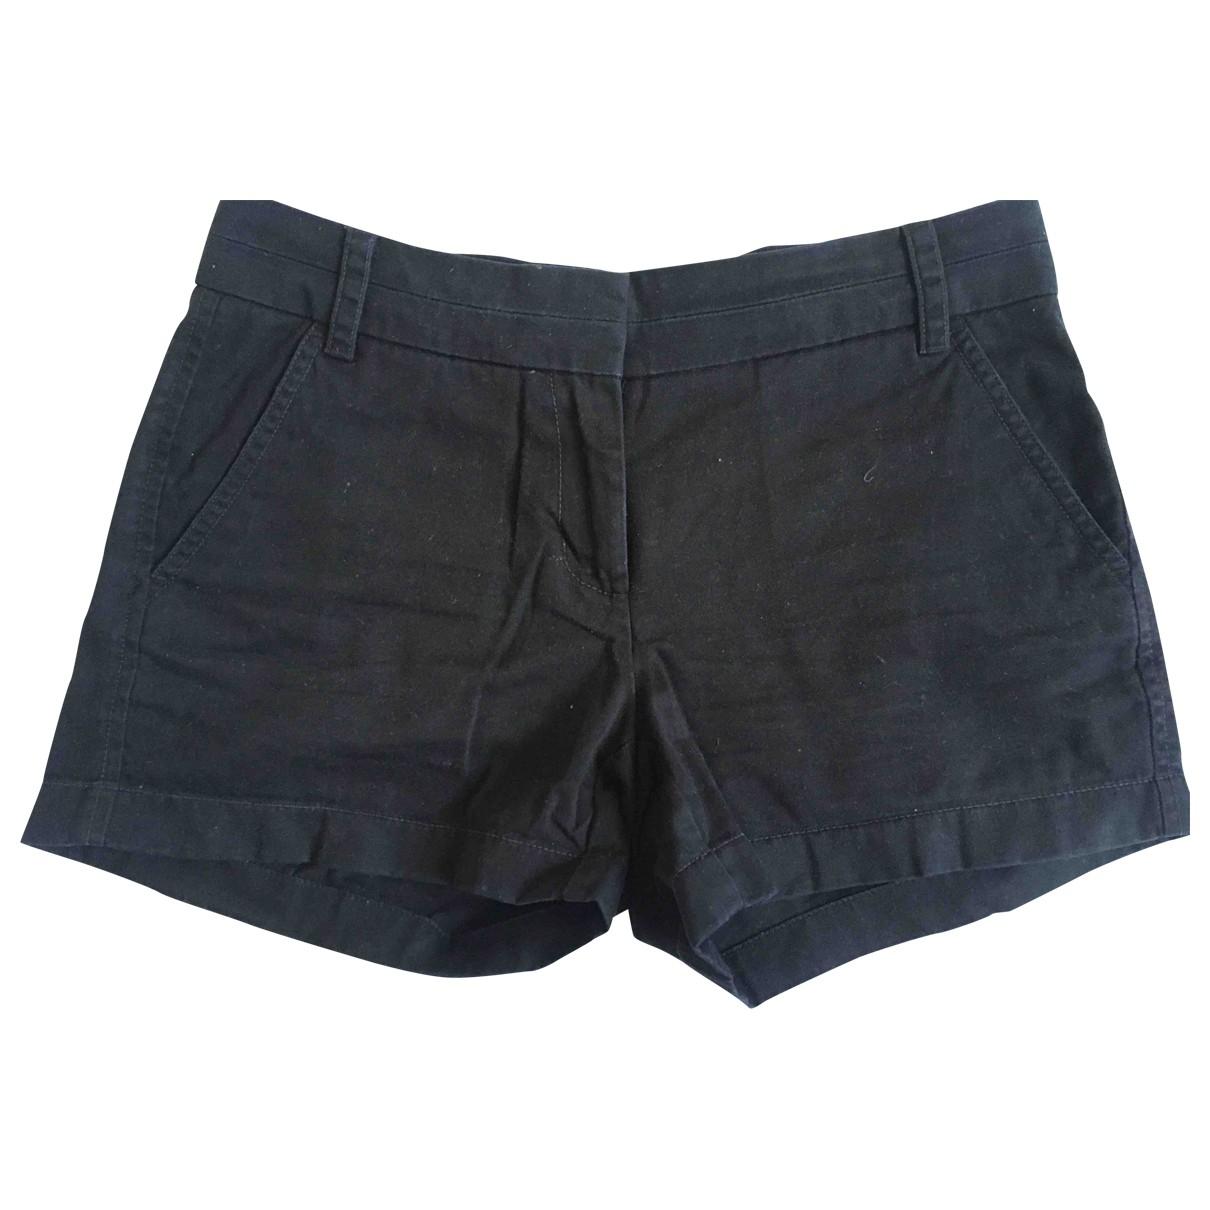 J.crew \N Shorts in  Schwarz Baumwolle